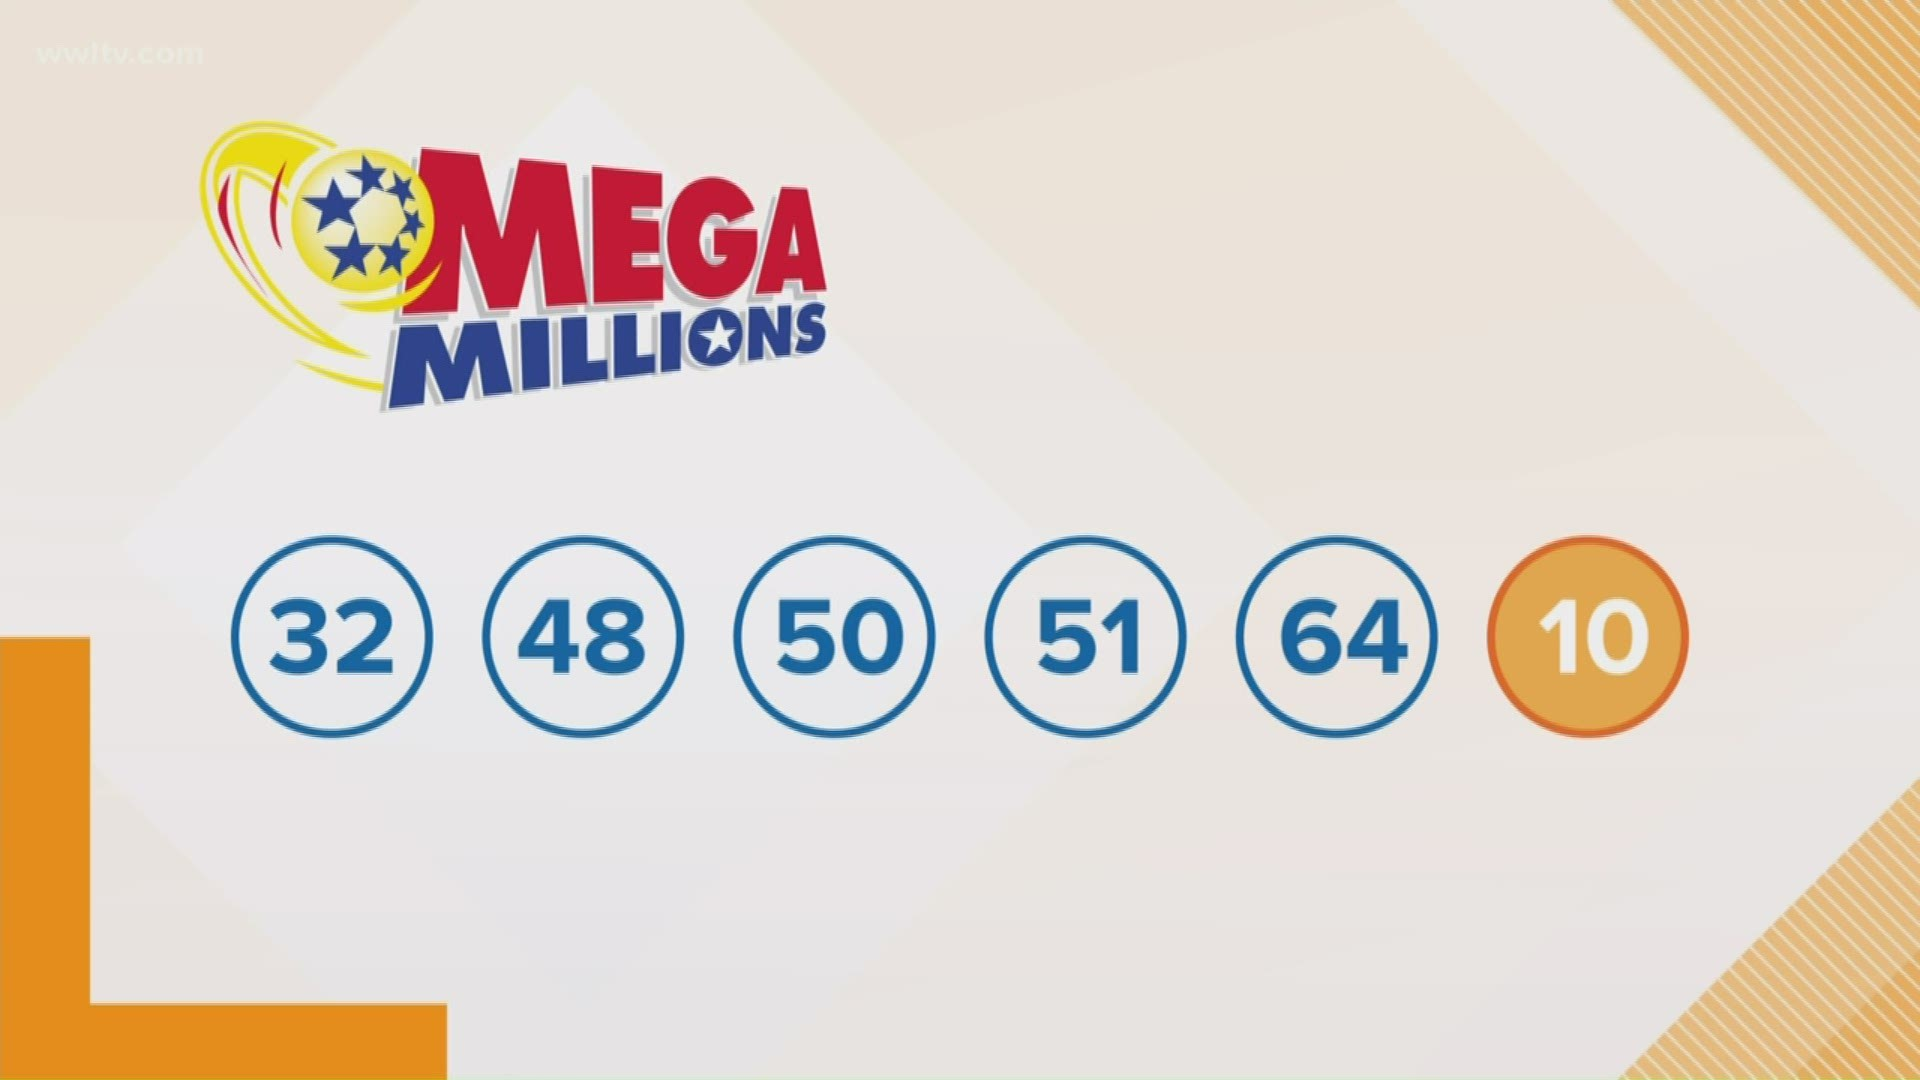 Мега миллионс онлайн из-за границы - us mega millions